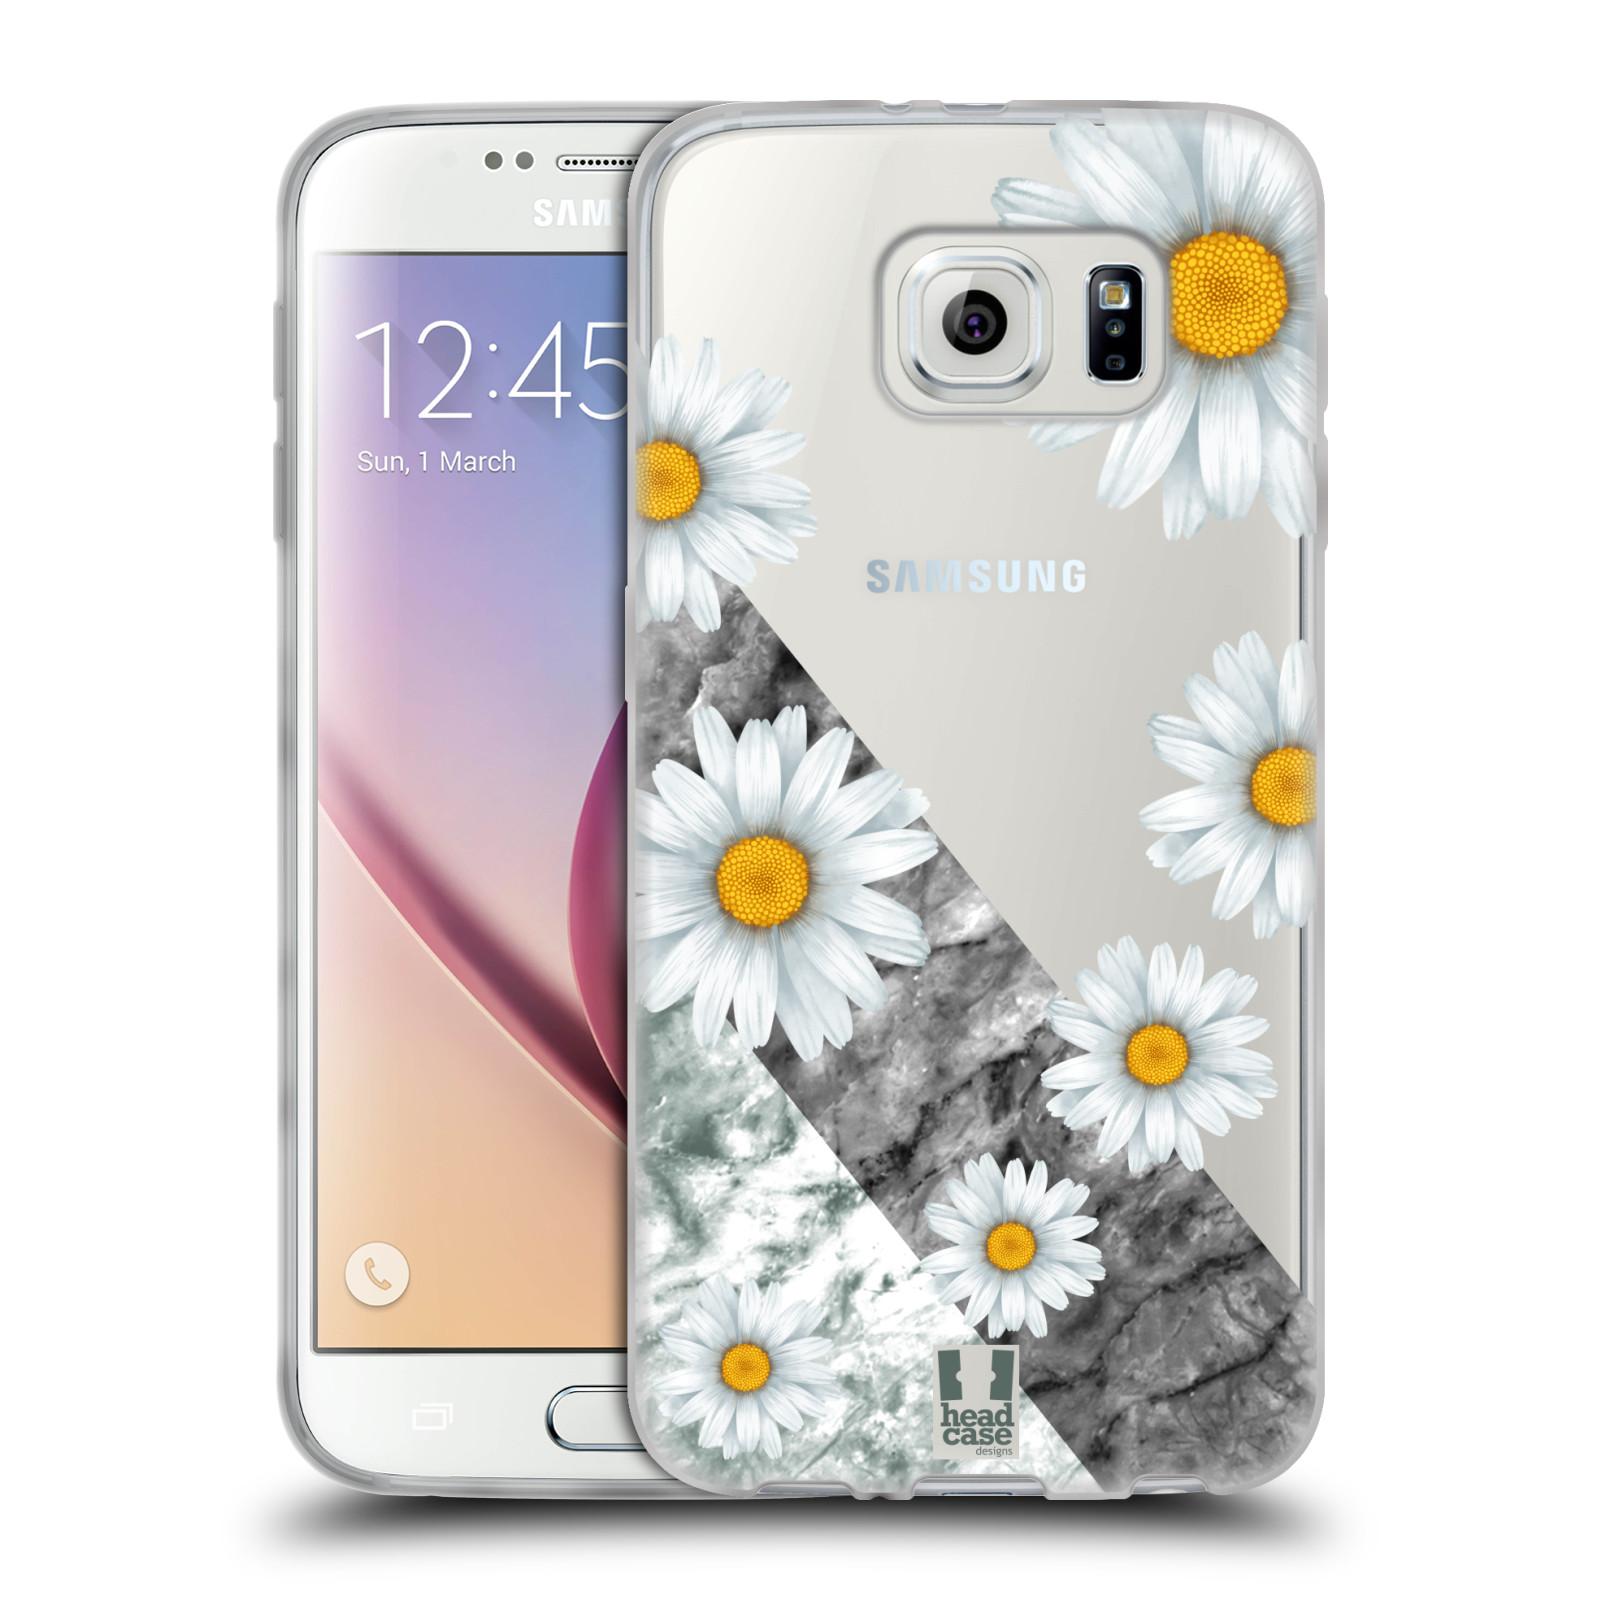 Silikonové pouzdro na mobil Samsung Galaxy S6 - Head Case - Kopretiny a mramor